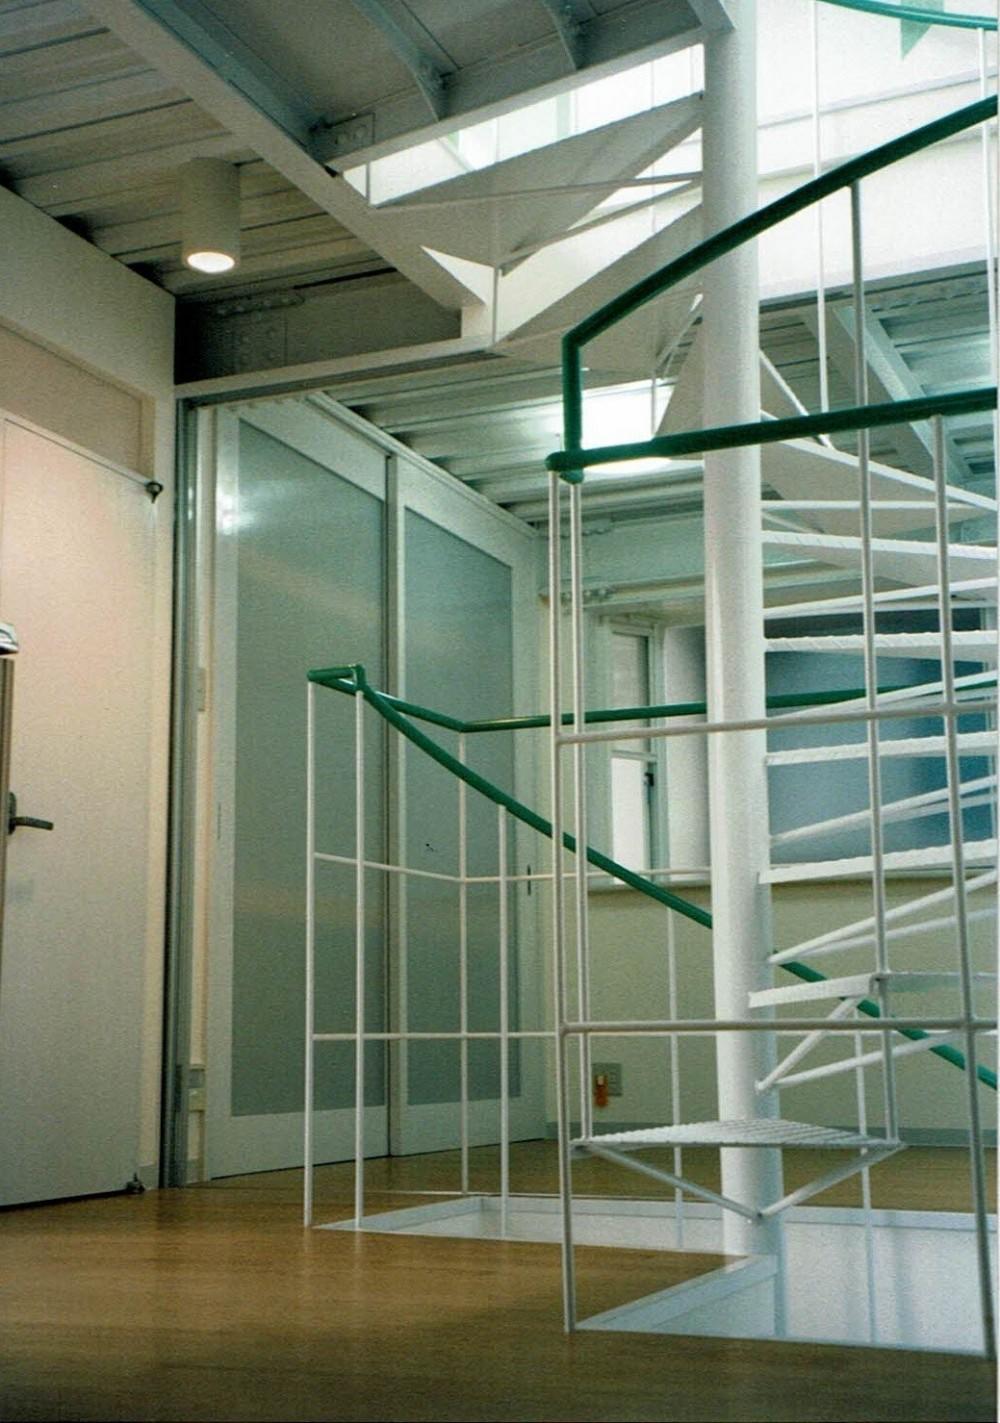 ポップなカラーの子供が楽しむ鉄骨構造の狭小住宅(Kid`s House):天井が高い住まい (らせん階段から寝室を観る)